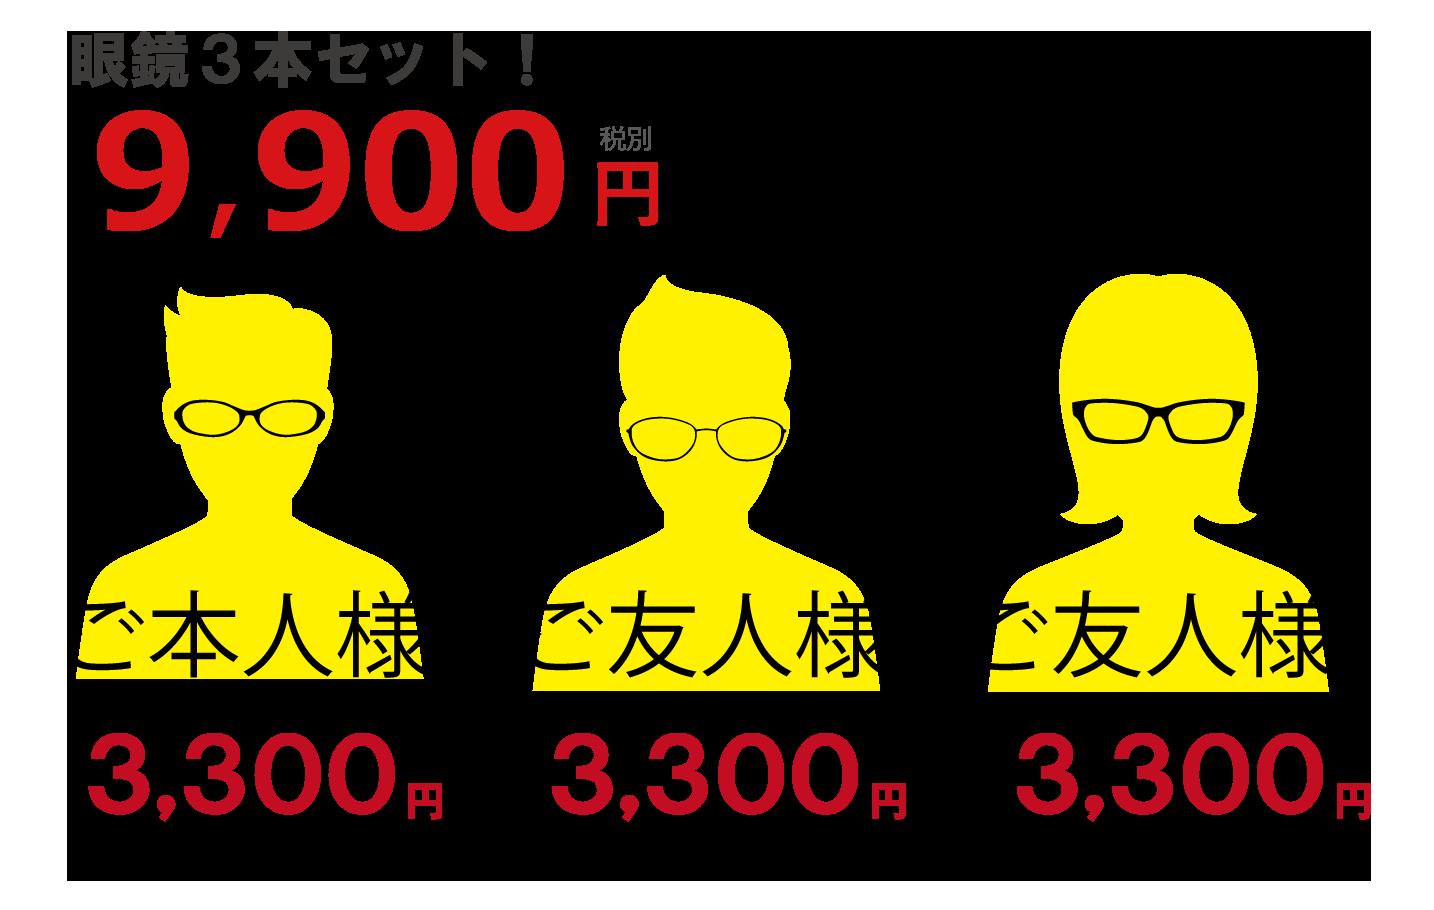 眼鏡のドクターアイズ評判の3本セット9900円